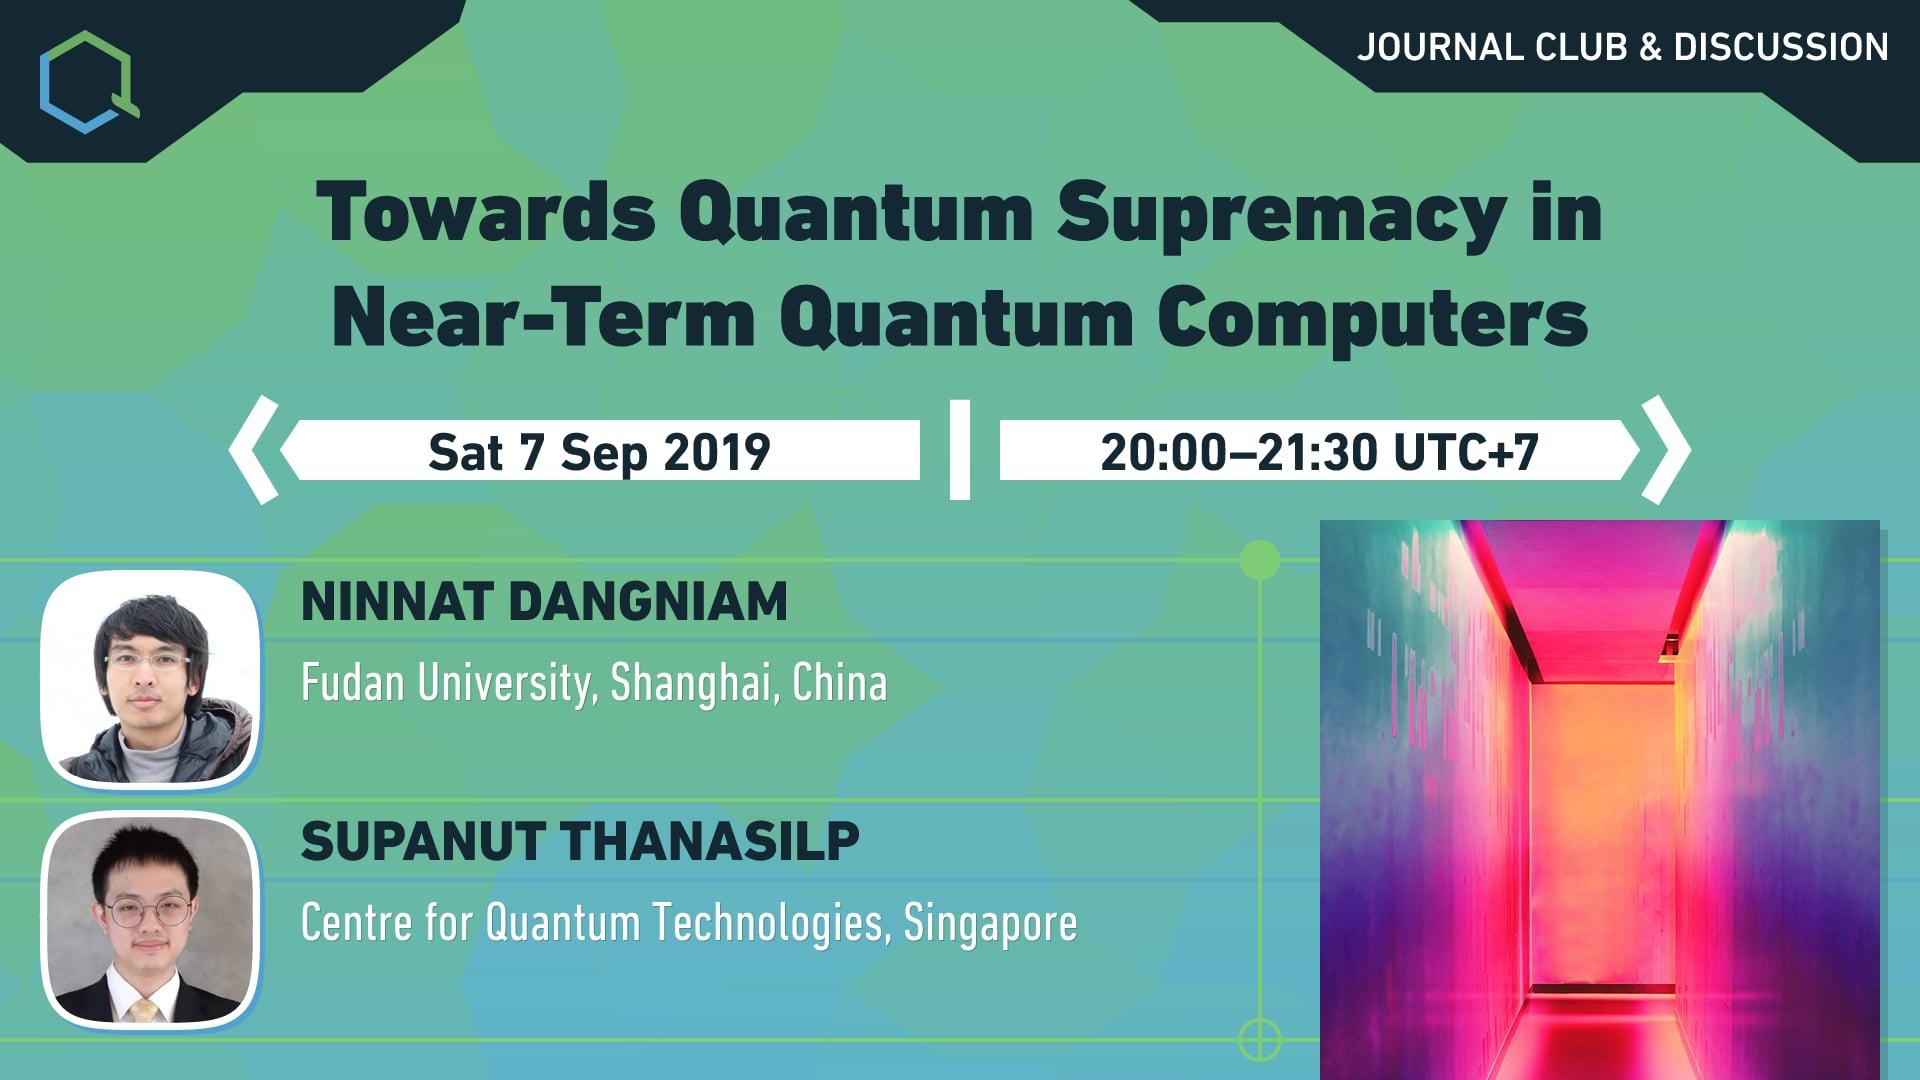 Towards Quantum Supremacy in Near-Term Quantum Computers